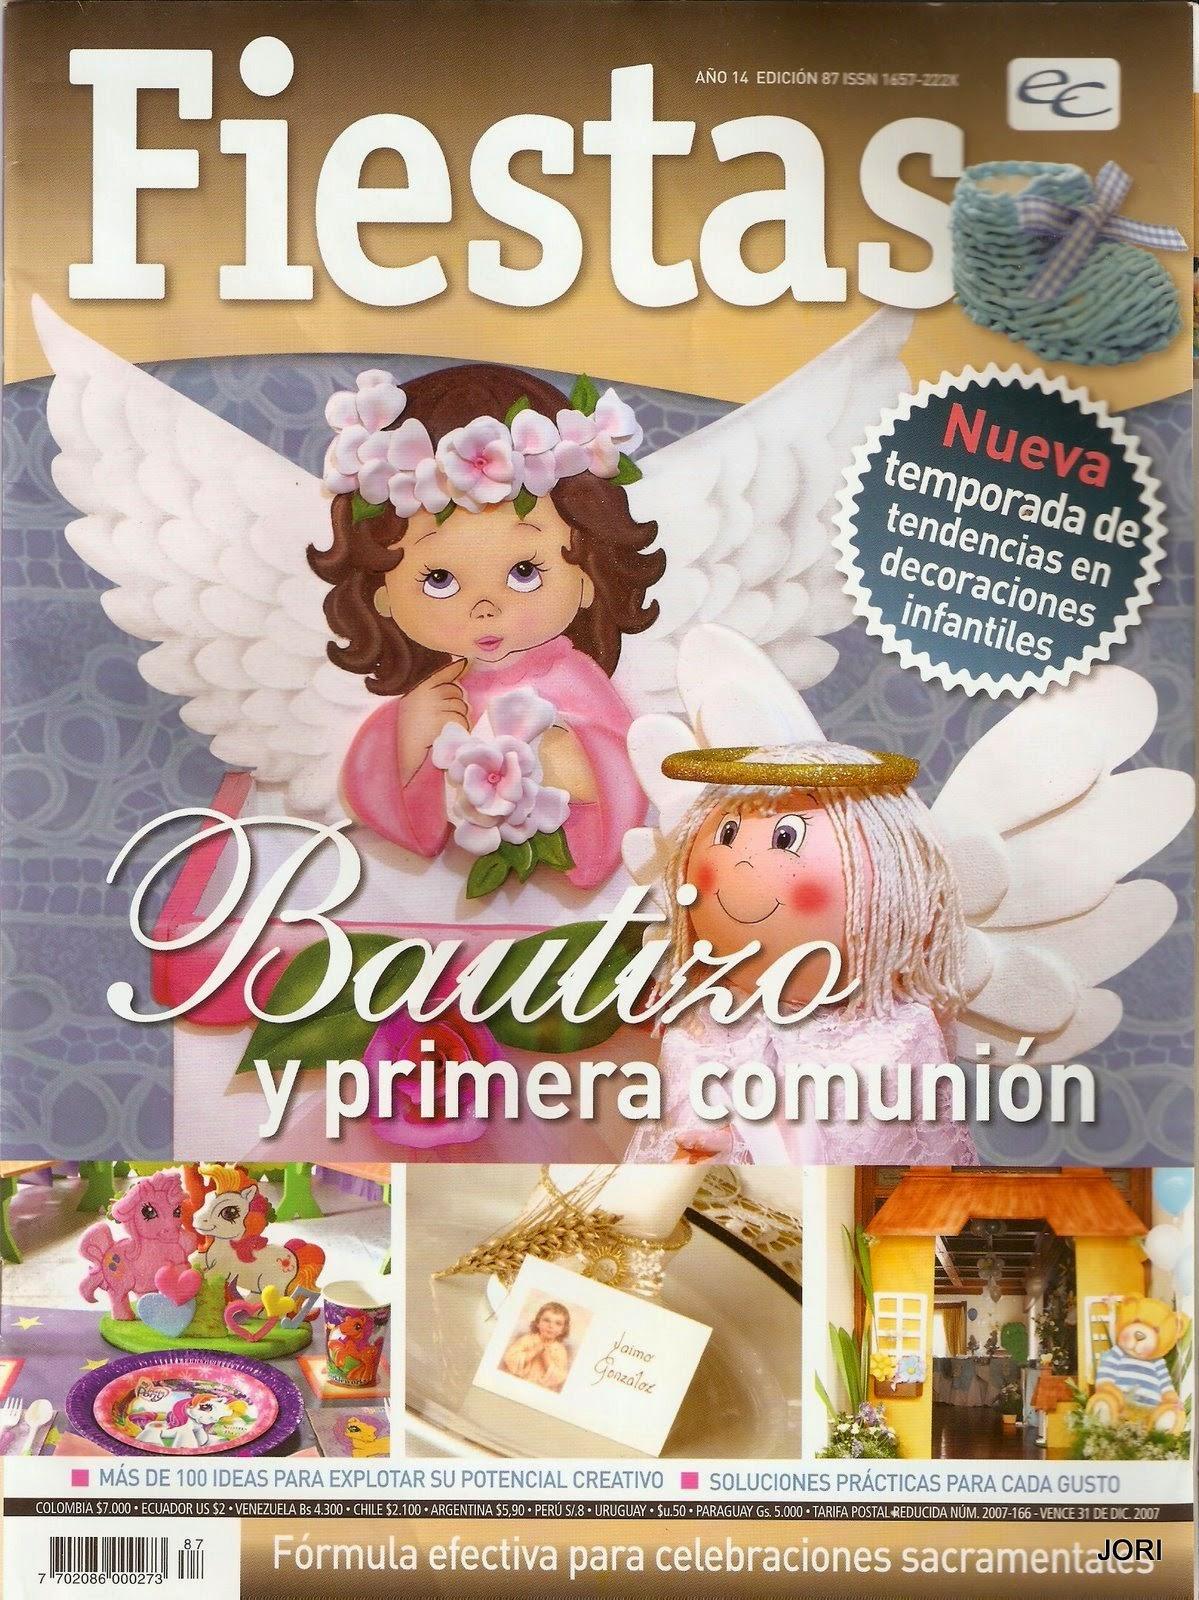 Revista de manualidades bautizo y primera comuni n for Revistas de decoracion gratis